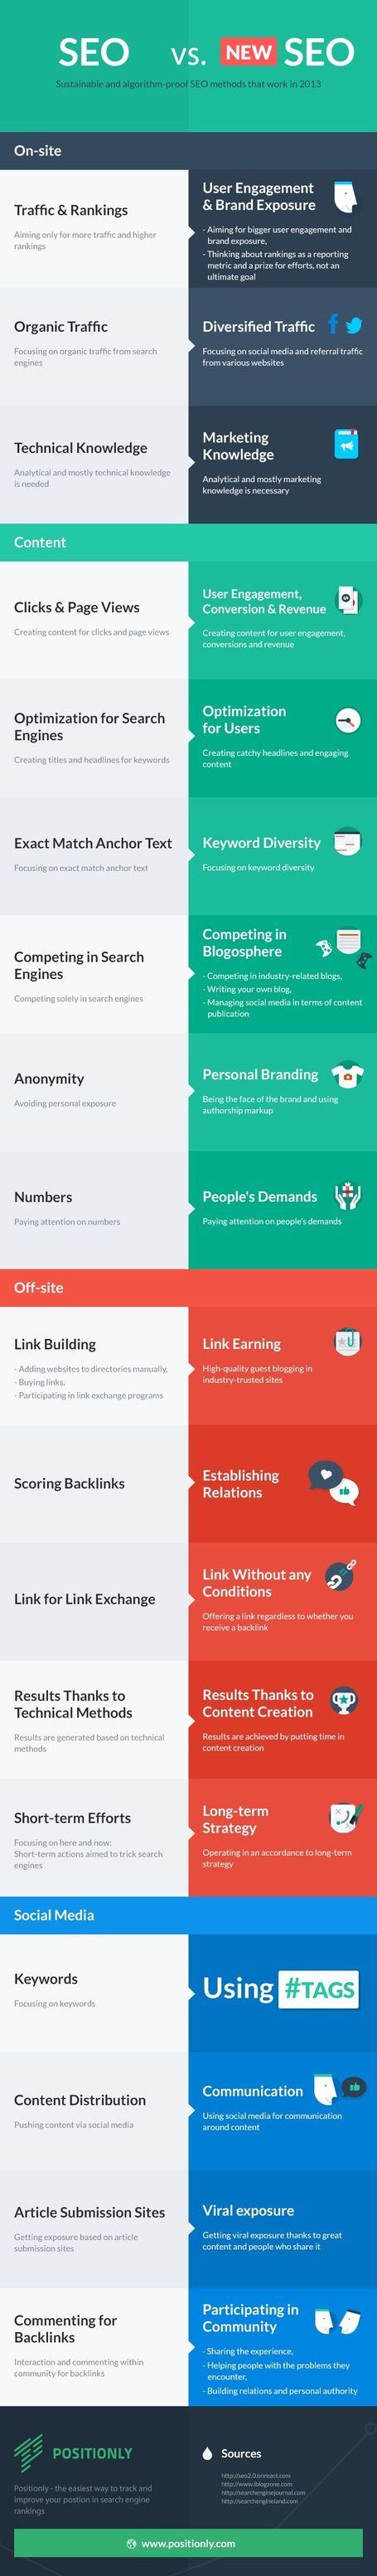 Critères et facteurs SEO en 2013 comparaison avant après | Infographie